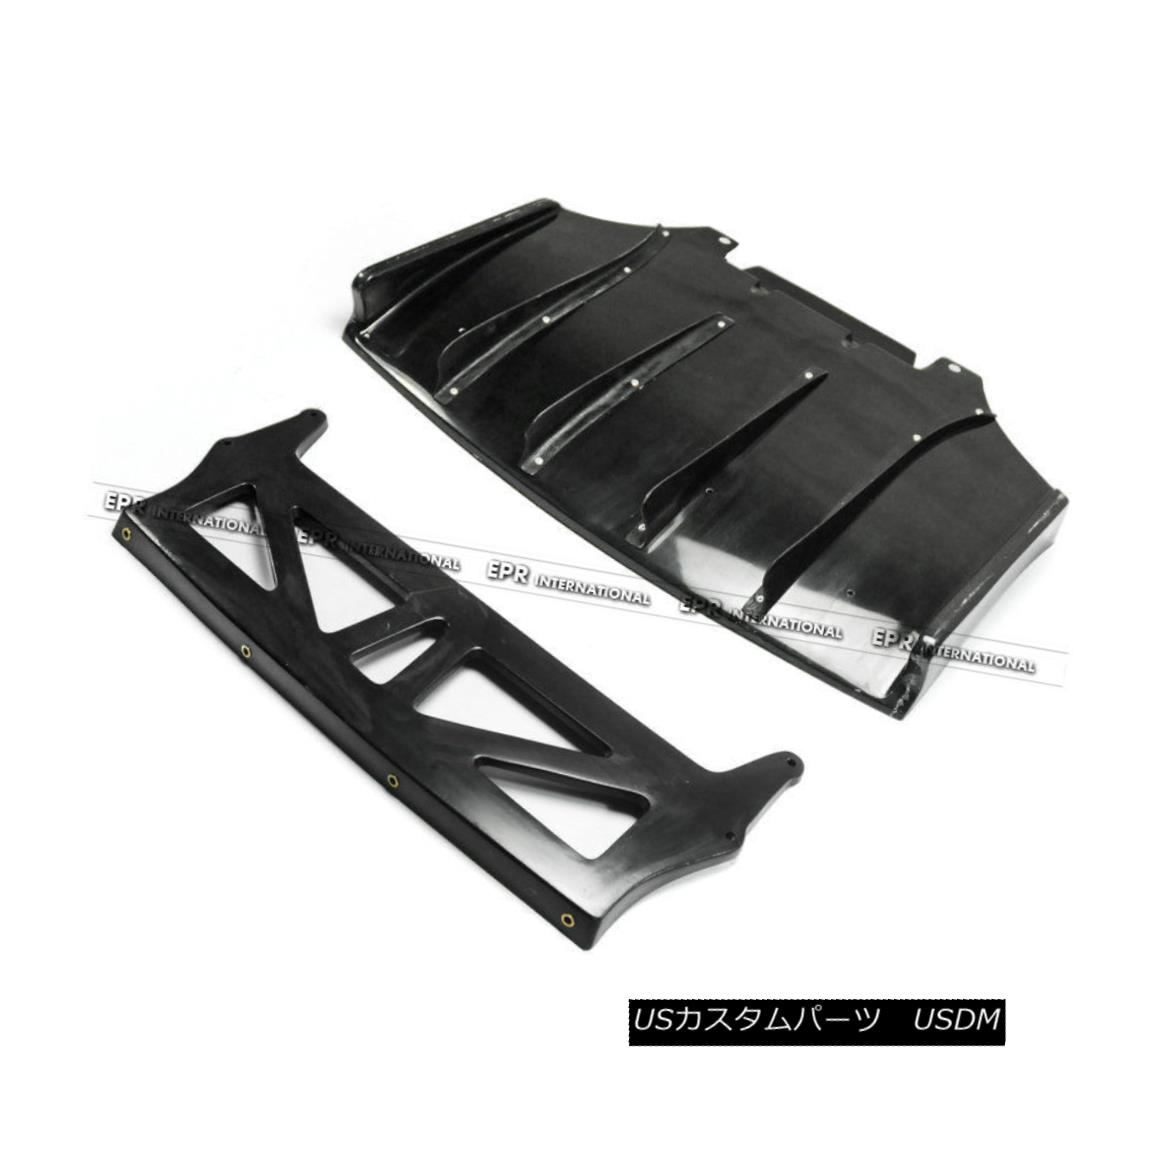 エアロパーツ Rear Bumper Diffuser Lip Kit For Mazda MX5 NA Miata Roadster JS-Style FRP Fiber マツダMX5のためのリアバンパーディフューザーリップキットNA MiataロードスターJSスタイルのFRPファイバー